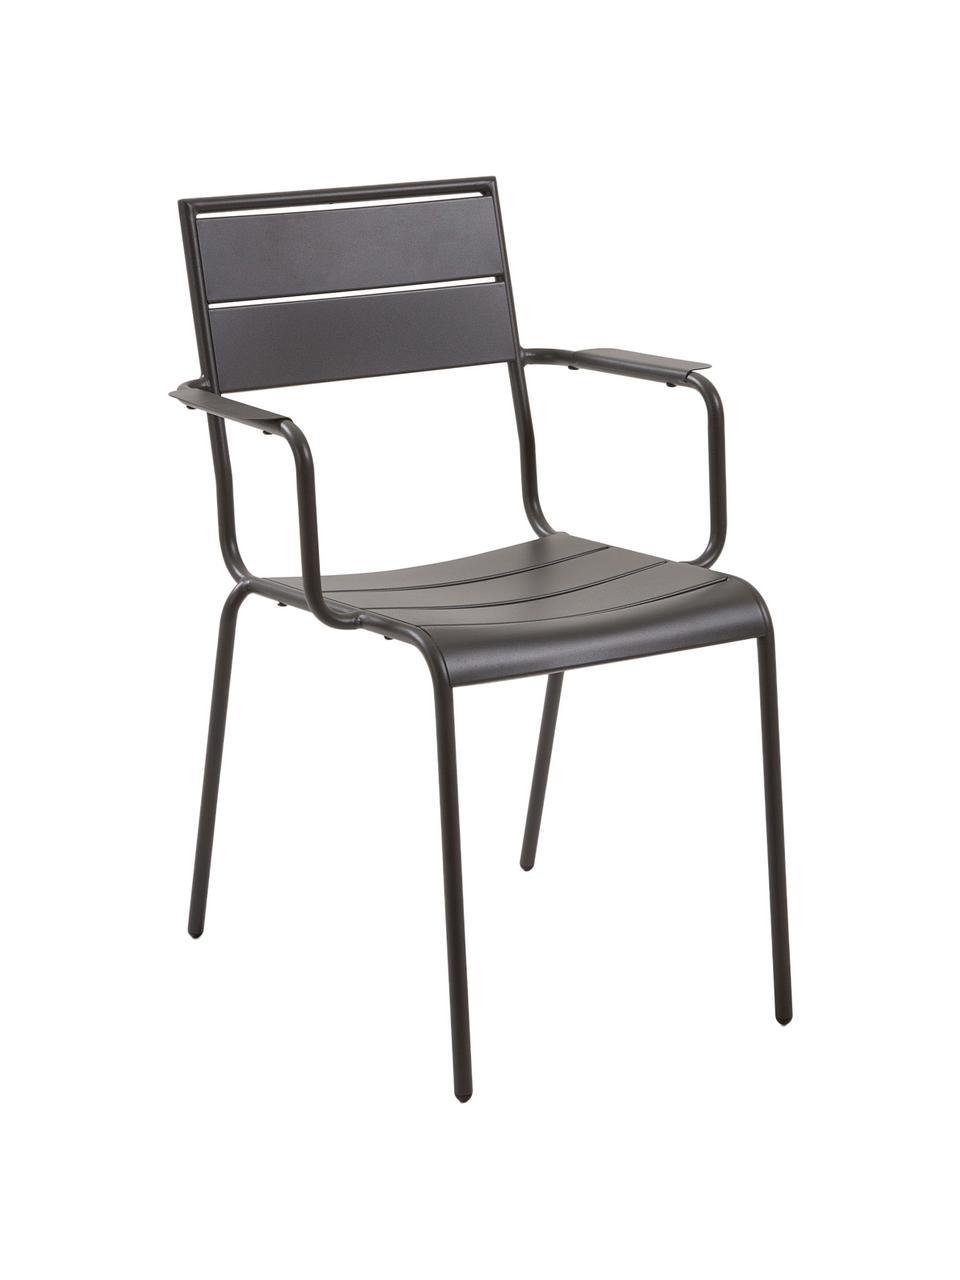 Balkonstoel Allegian Allegian van metaal, Gepoedercoat metaal, Donkergrijs, B 59 x D 65 cm